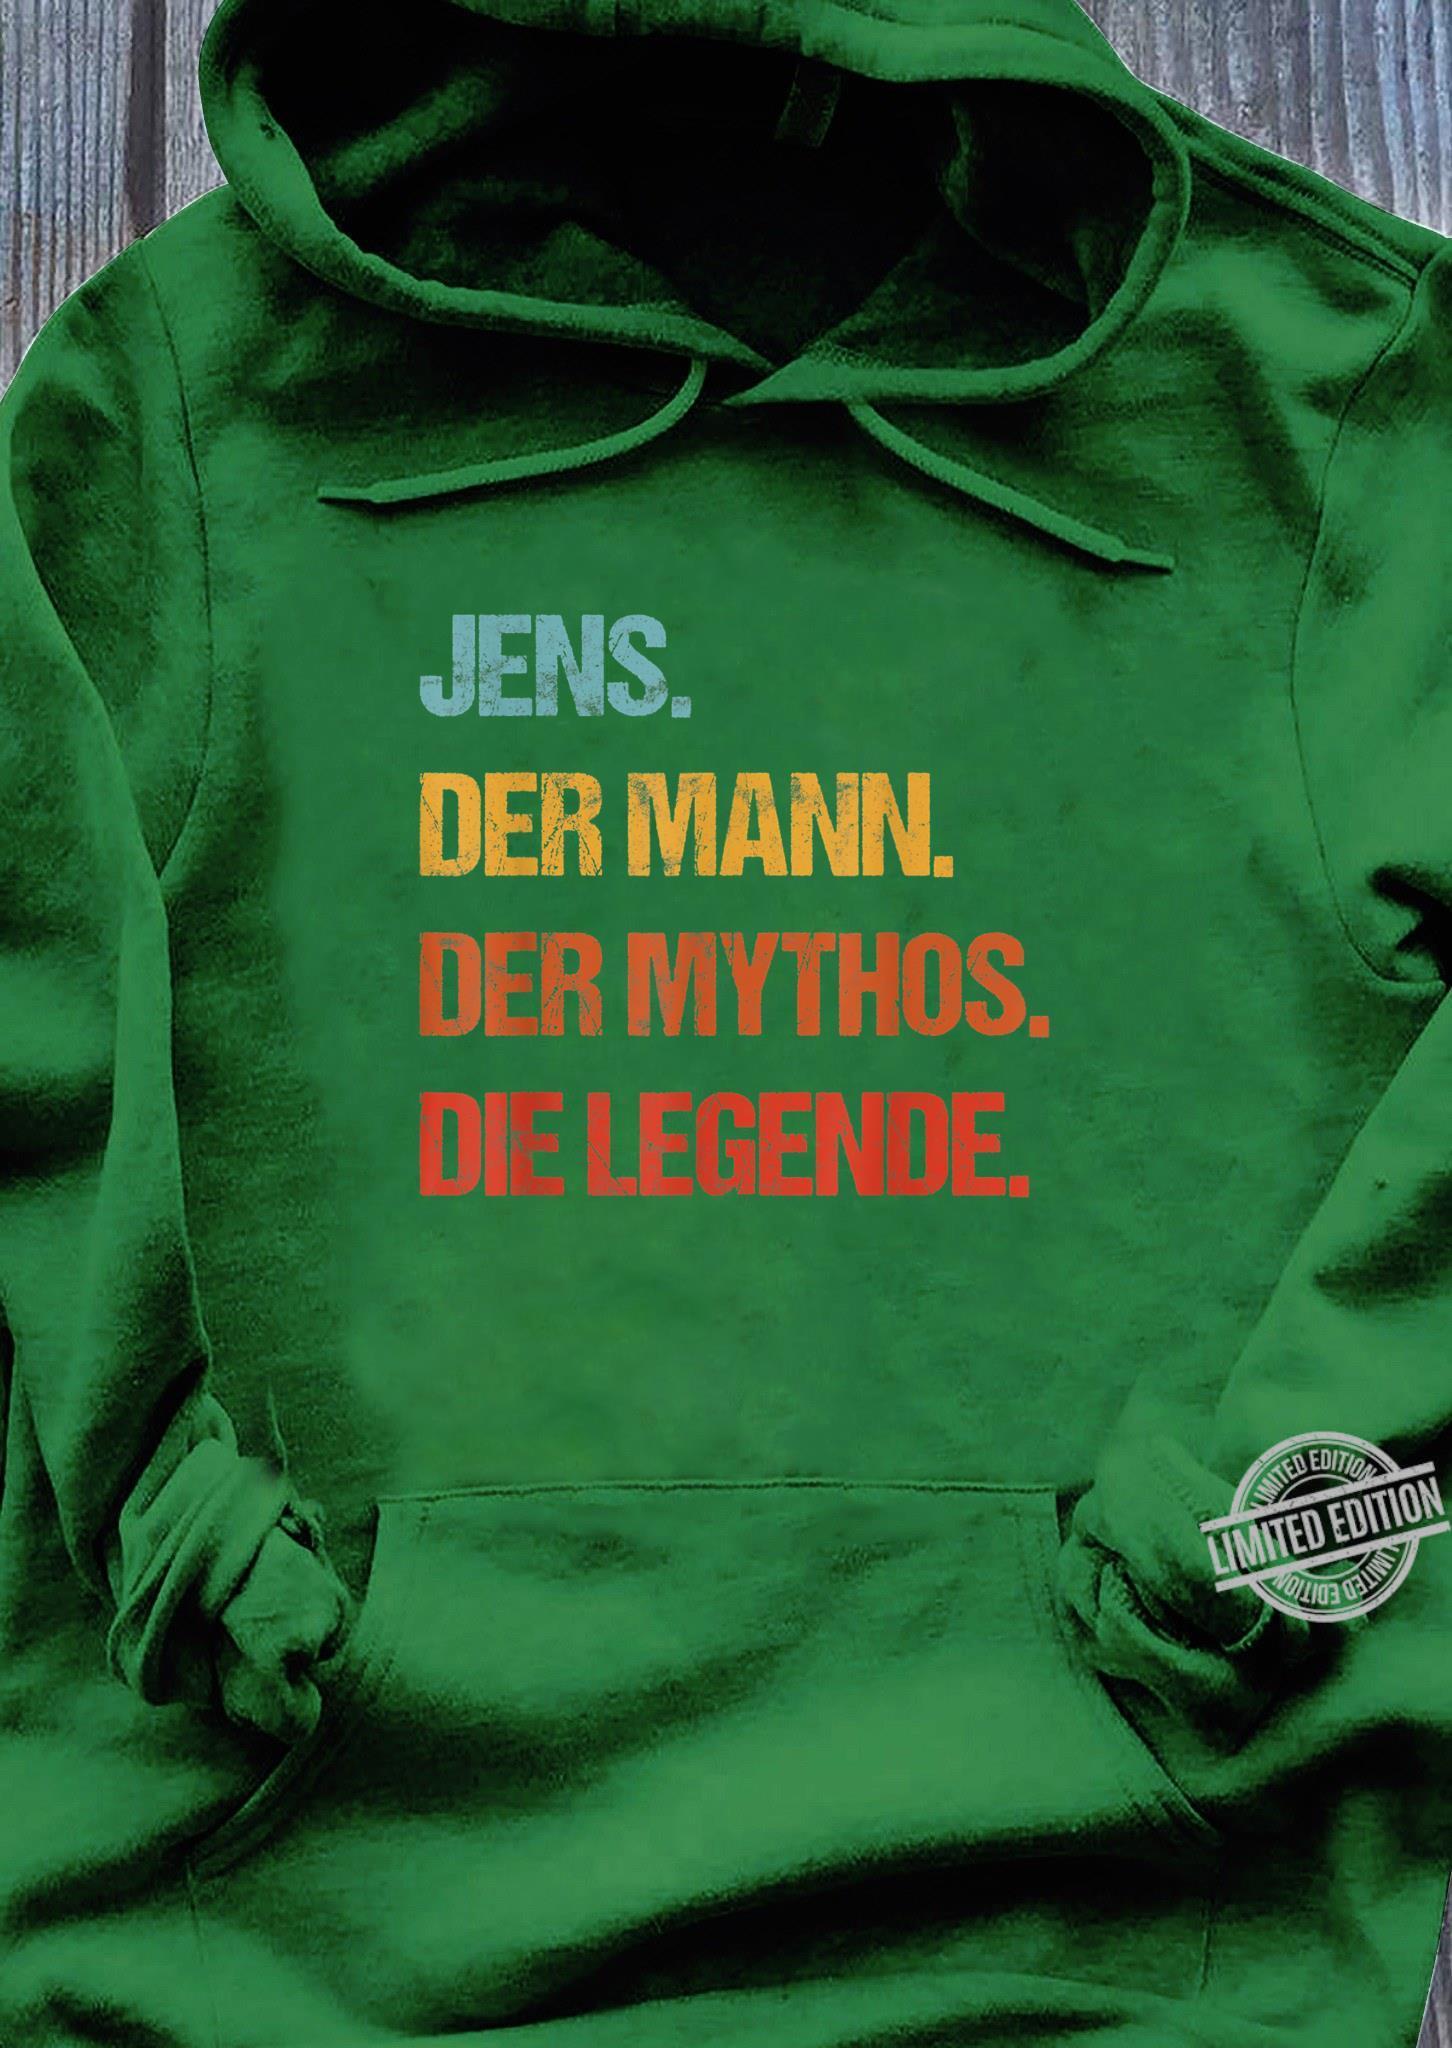 Herren Jens Der Mann Der Mythos Die Legende Geschenk Vorname Spruch Shirt hoodie